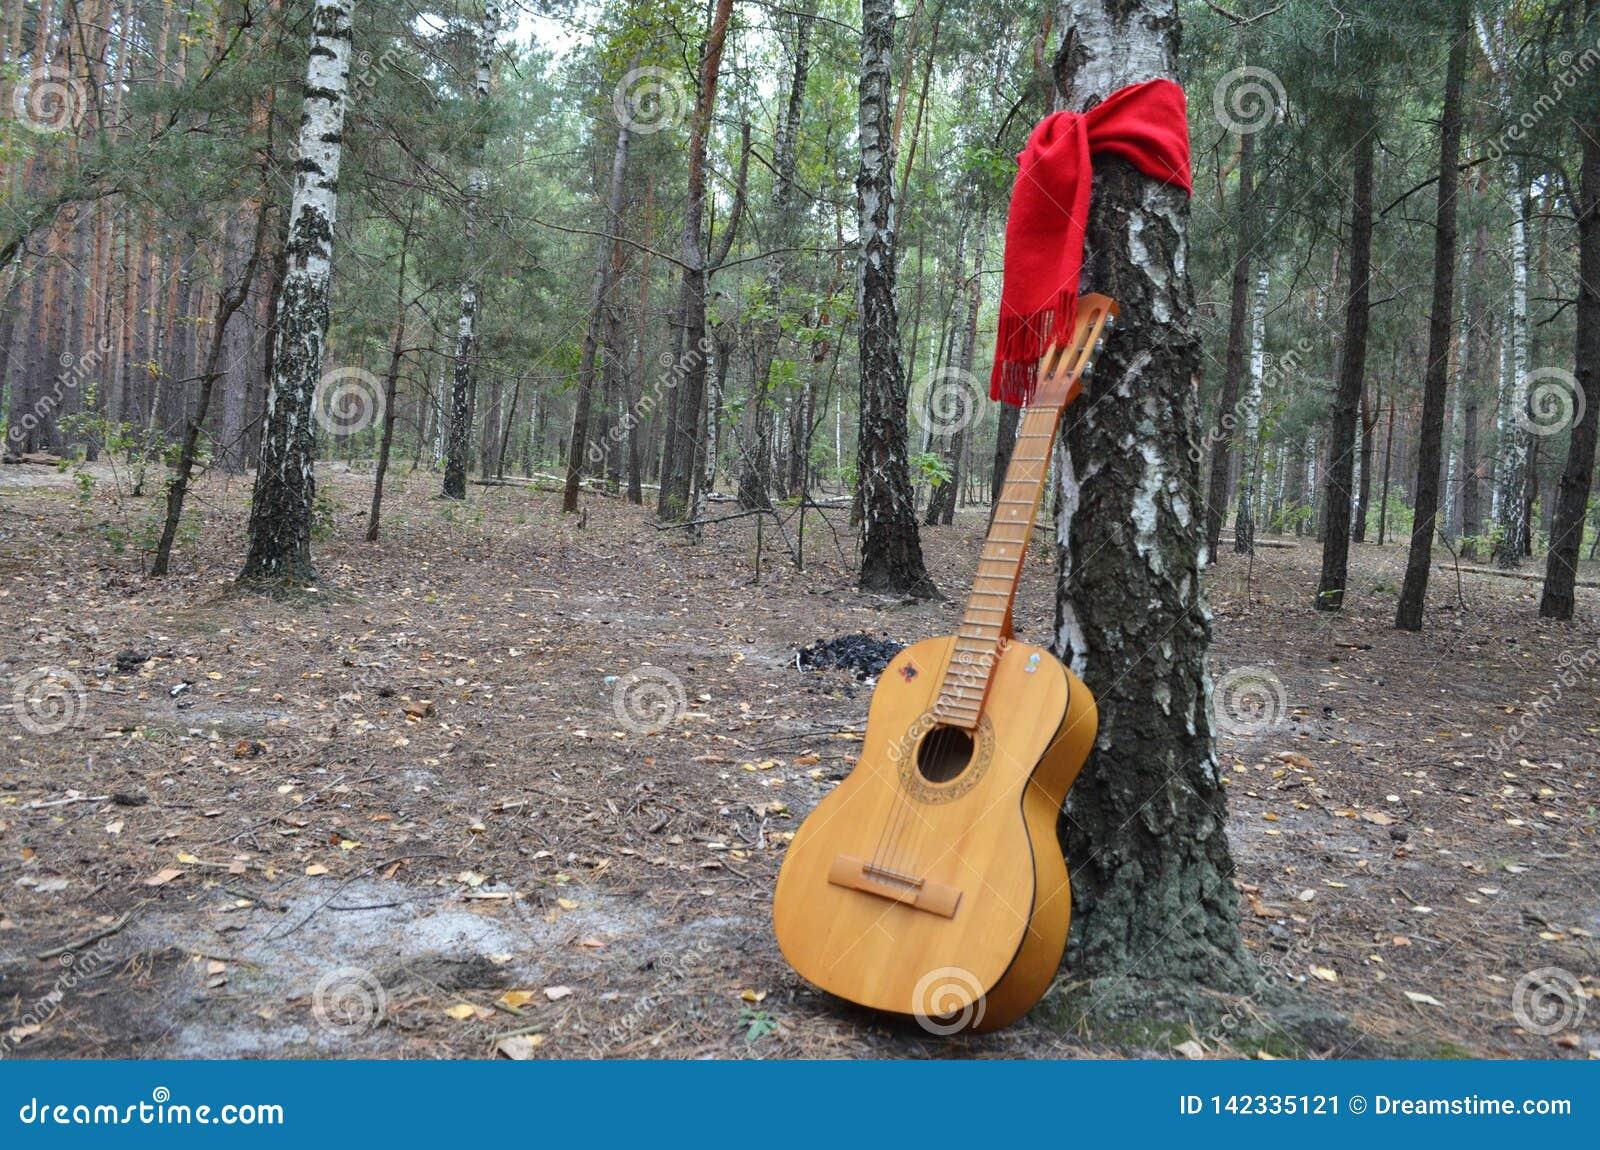 Гитара в середине леса с красным шарфом связанным вокруг